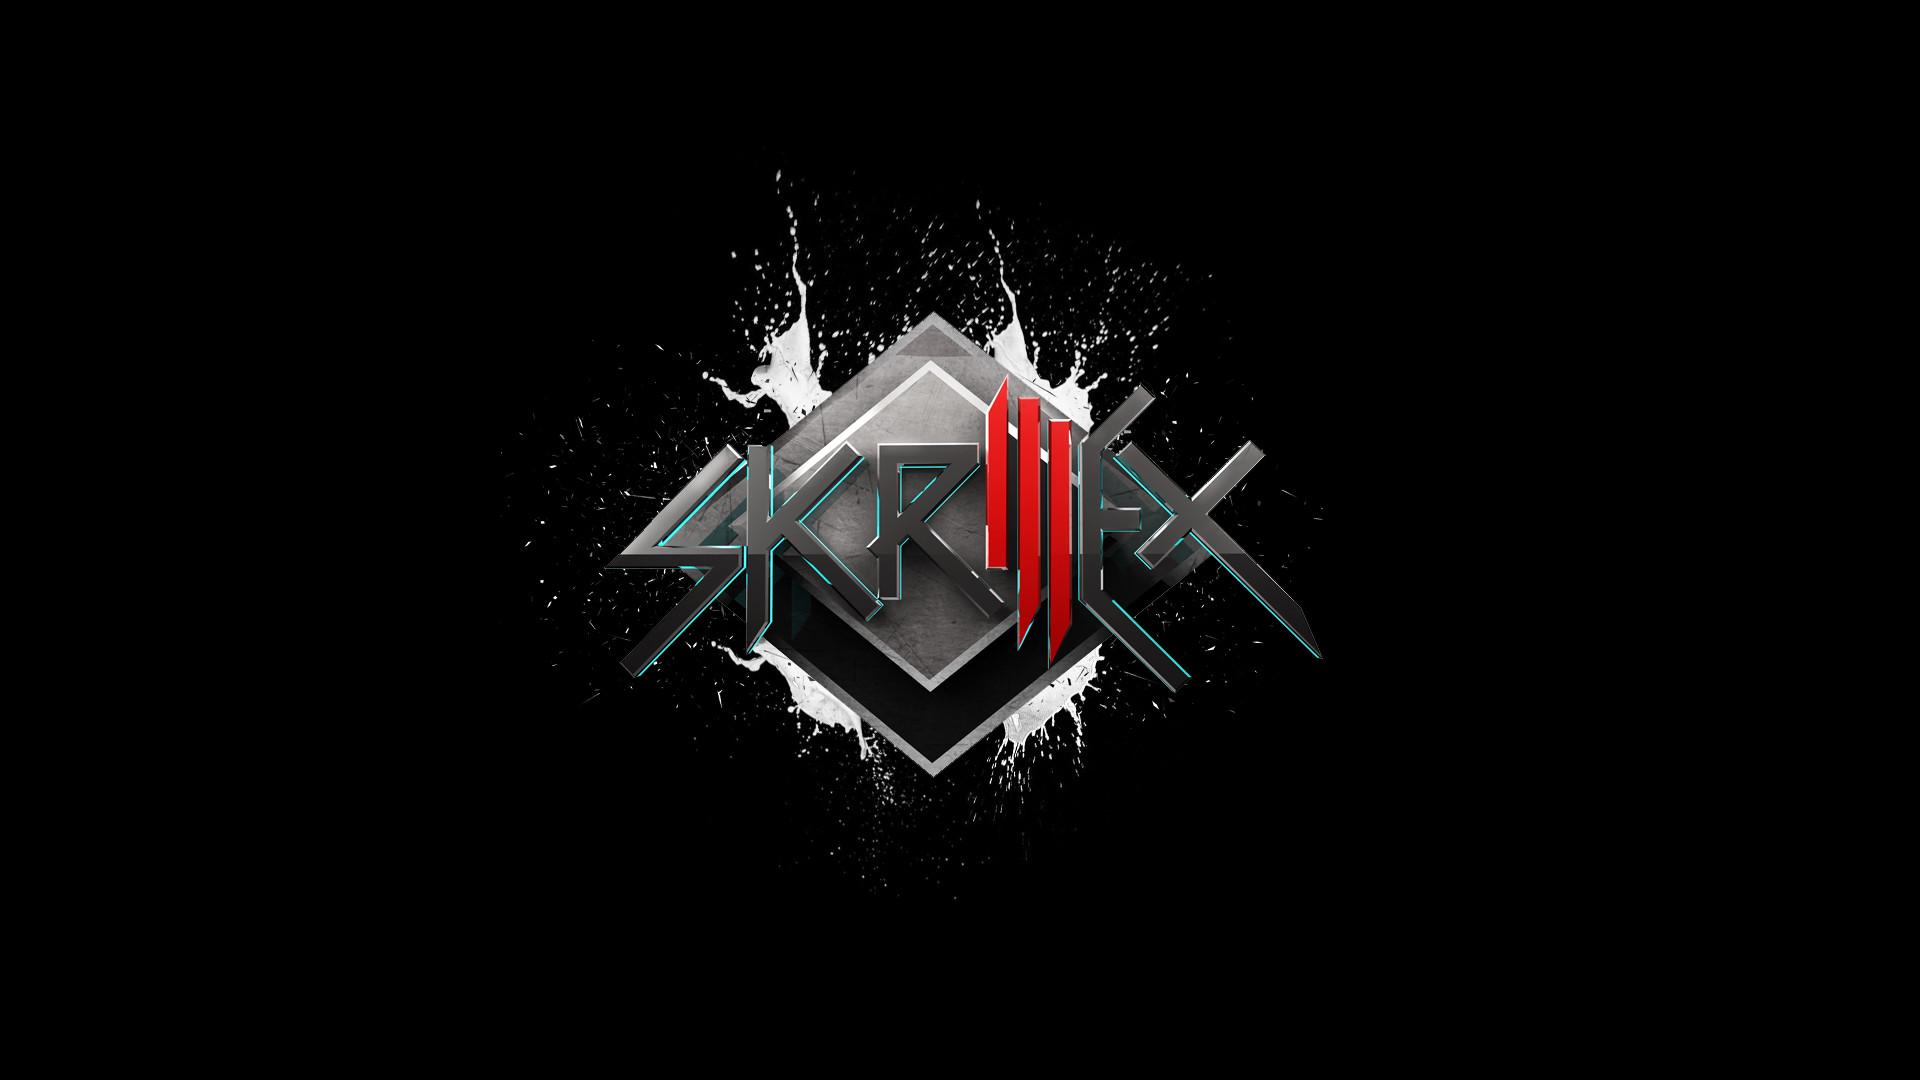 Skrillex Background 77 images